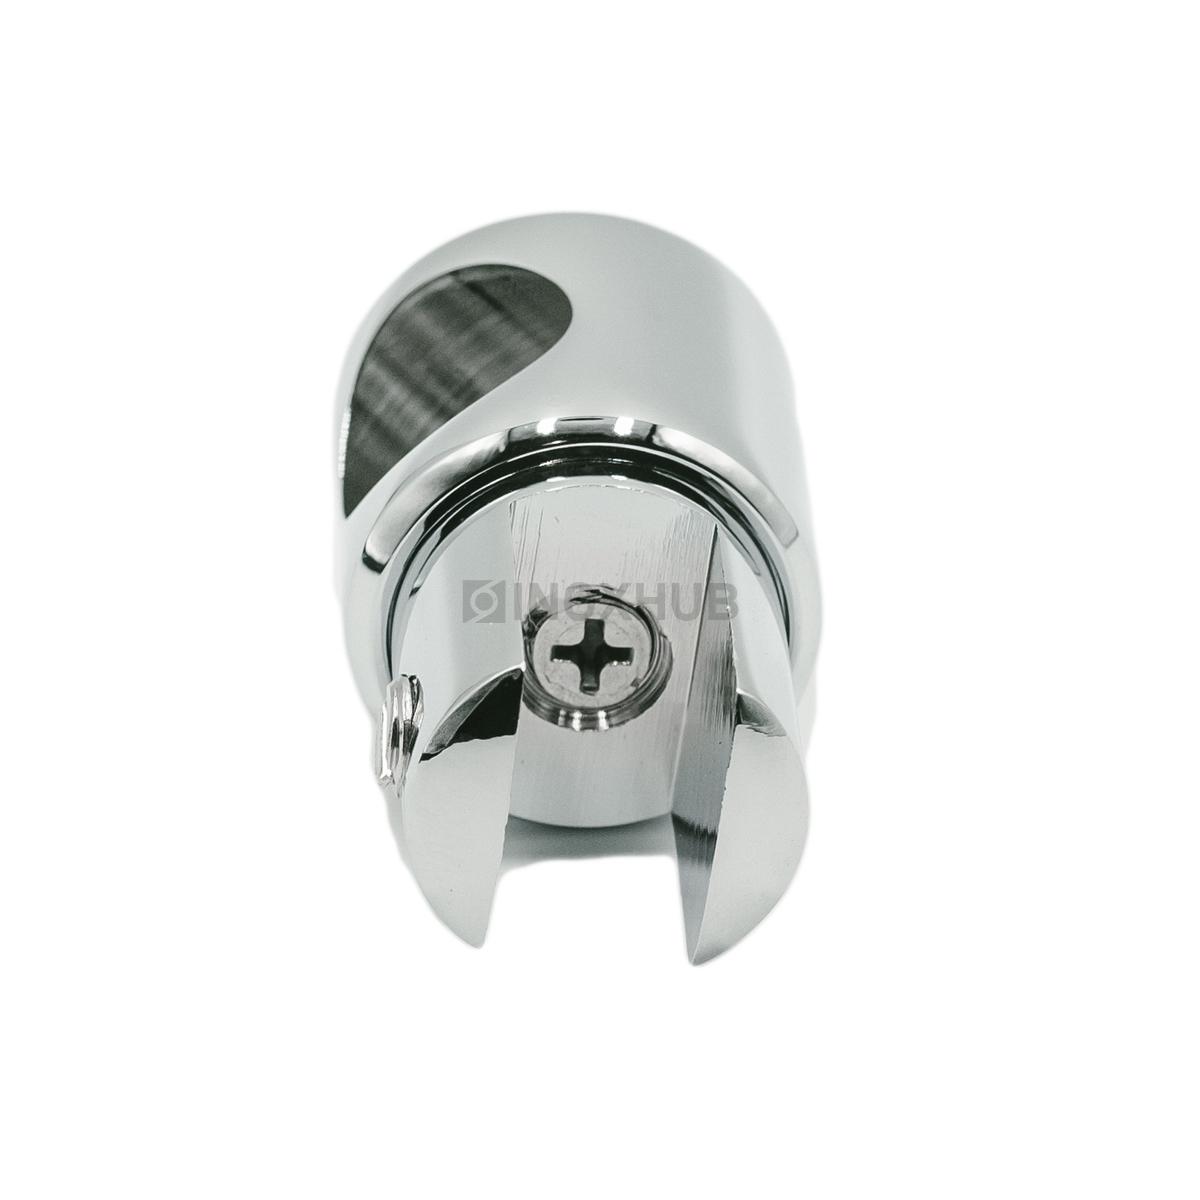 Держатель стекла (914 PSS) сквозной, штанга Ø19 мм, нерж. сталь полированная